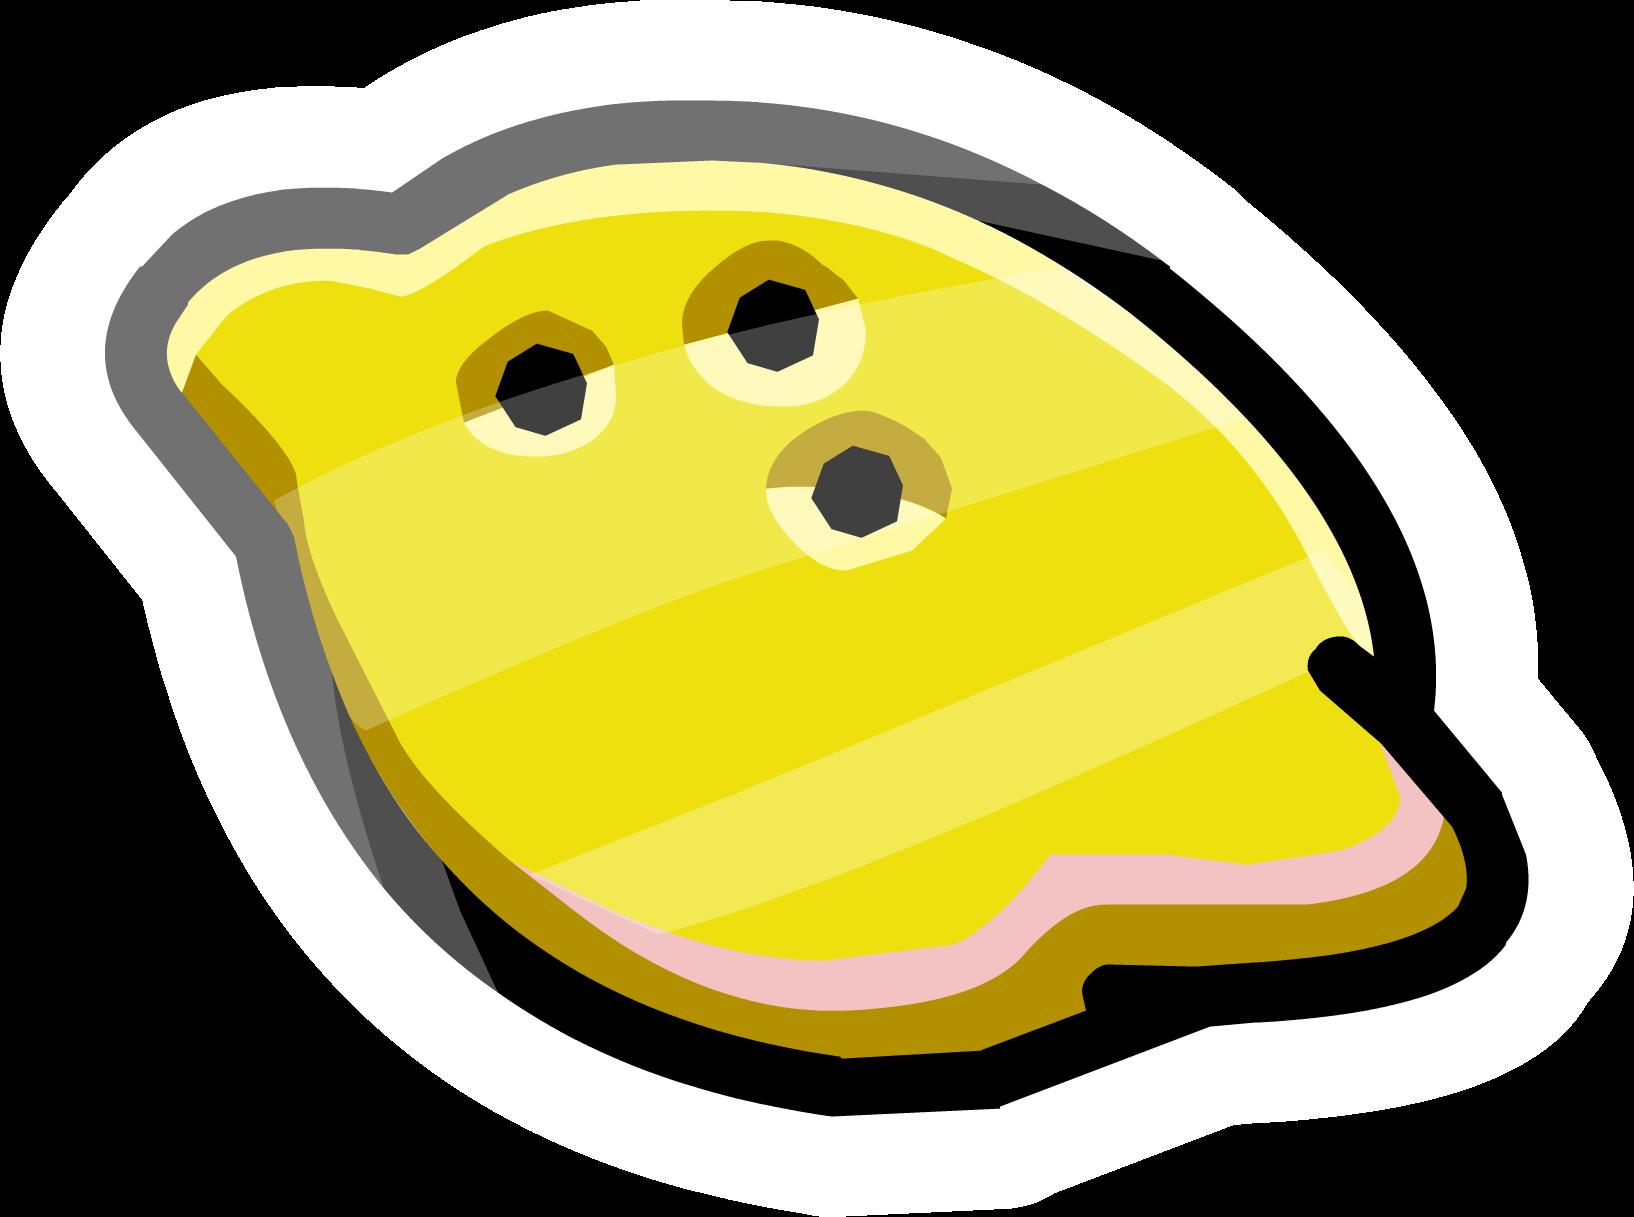 Lemon pin club penguin. Lemons clipart smile